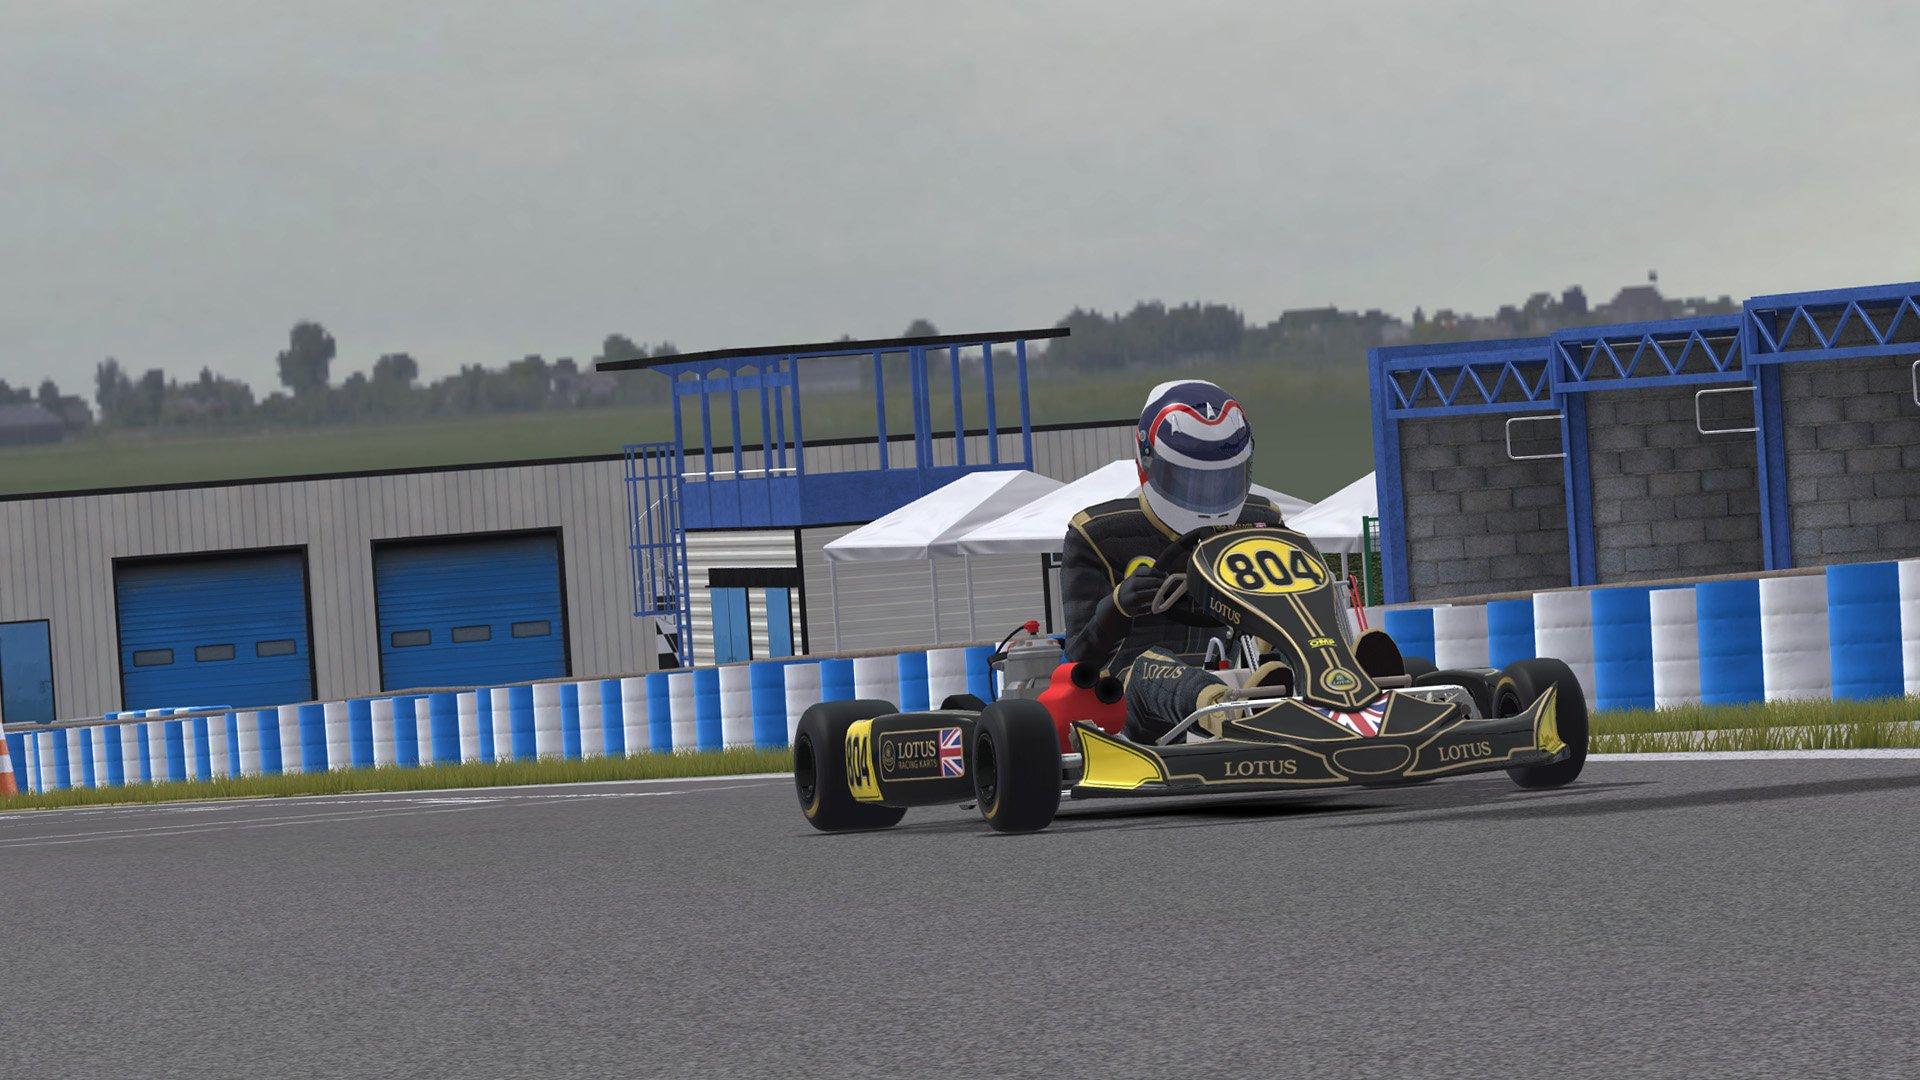 Kart Racing Pro Lotus kart